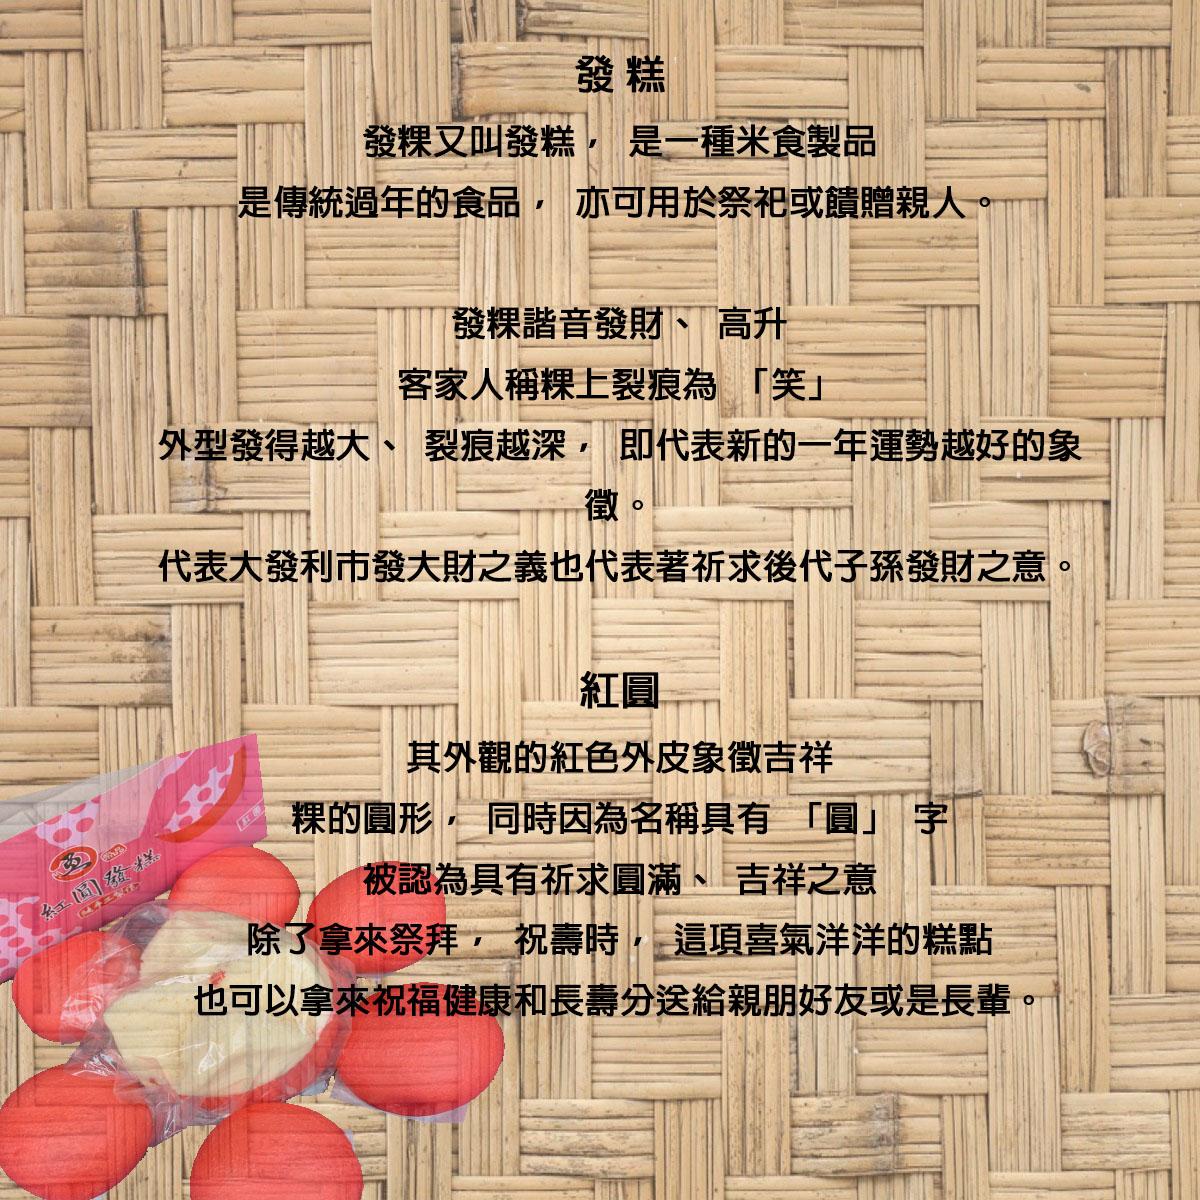 法事祭品-尾日香齋素六飯菜全組含已煮八珍湯藥壺